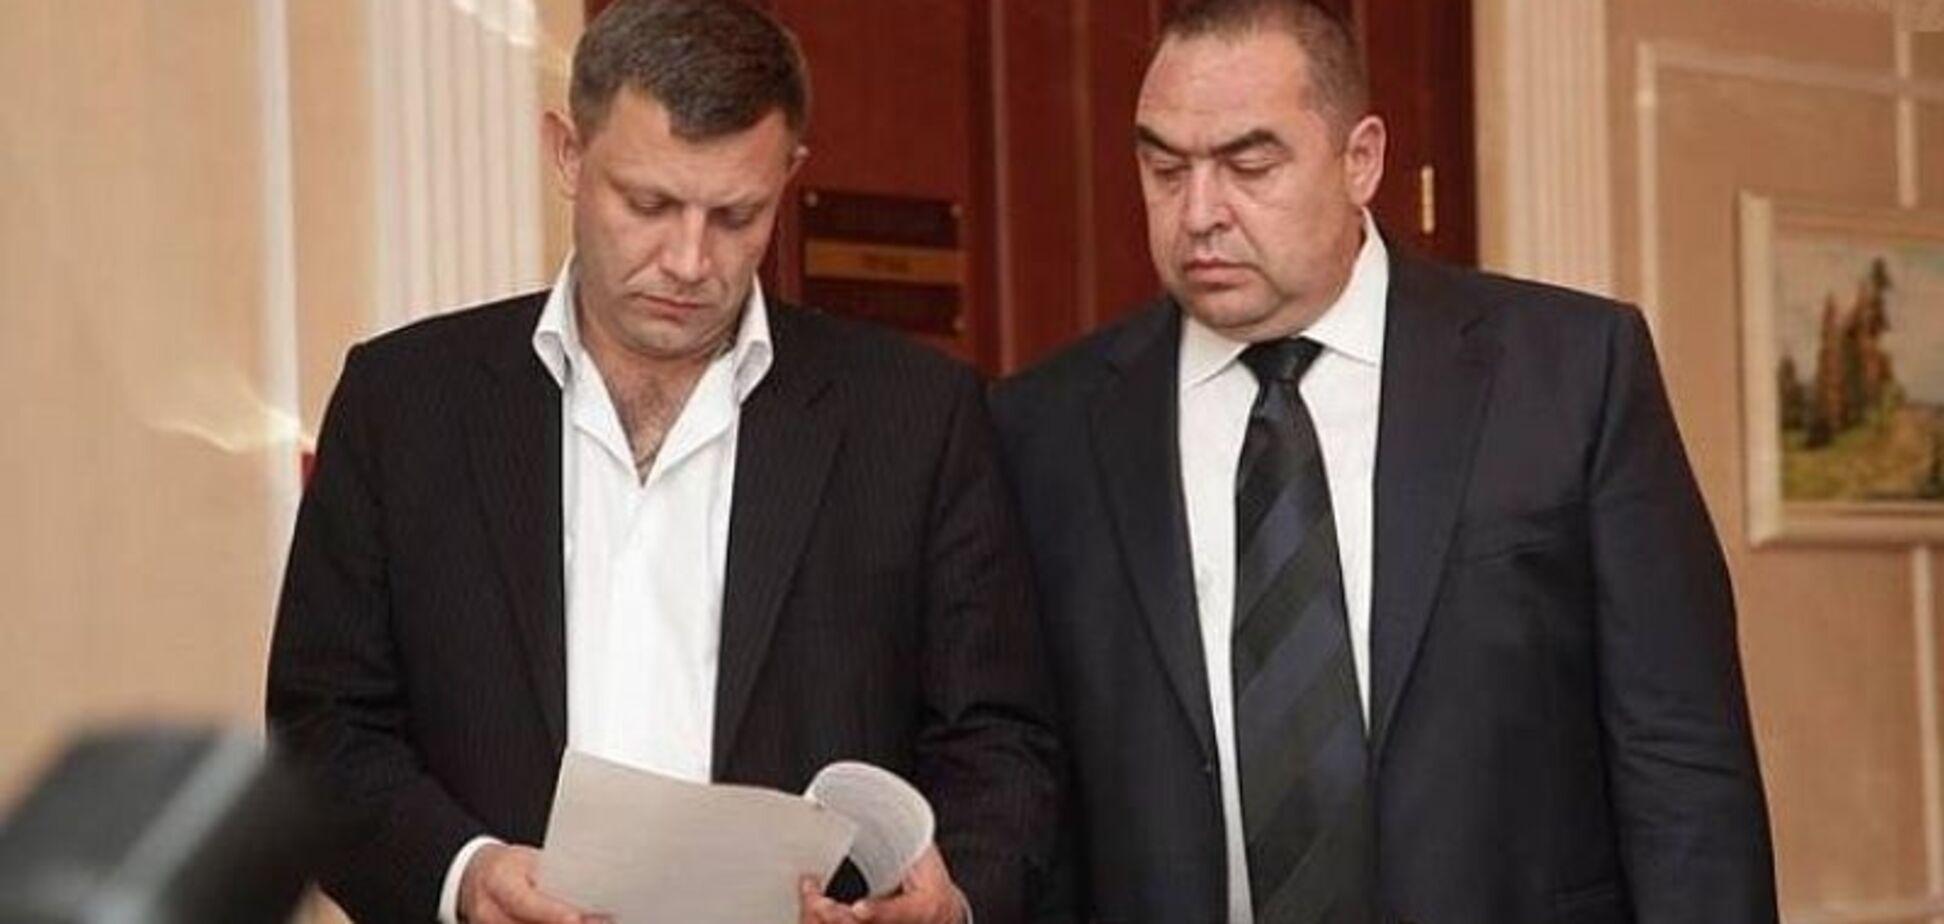 'Они просто исчезнут с лица земли': Жданов пояснил смысл угроз 'ДНР' и 'ЛНР'